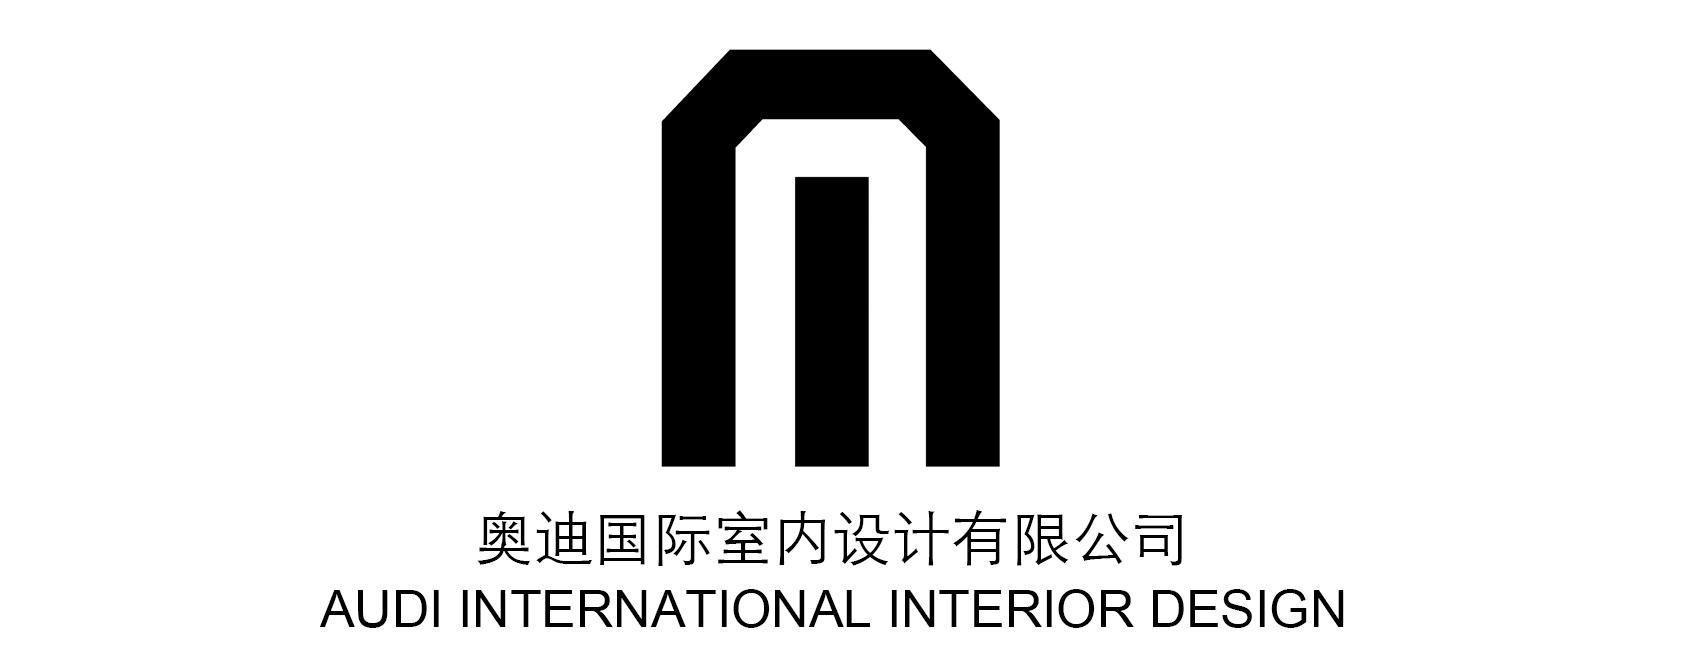 上海欧迪室内装潢设计有限公司